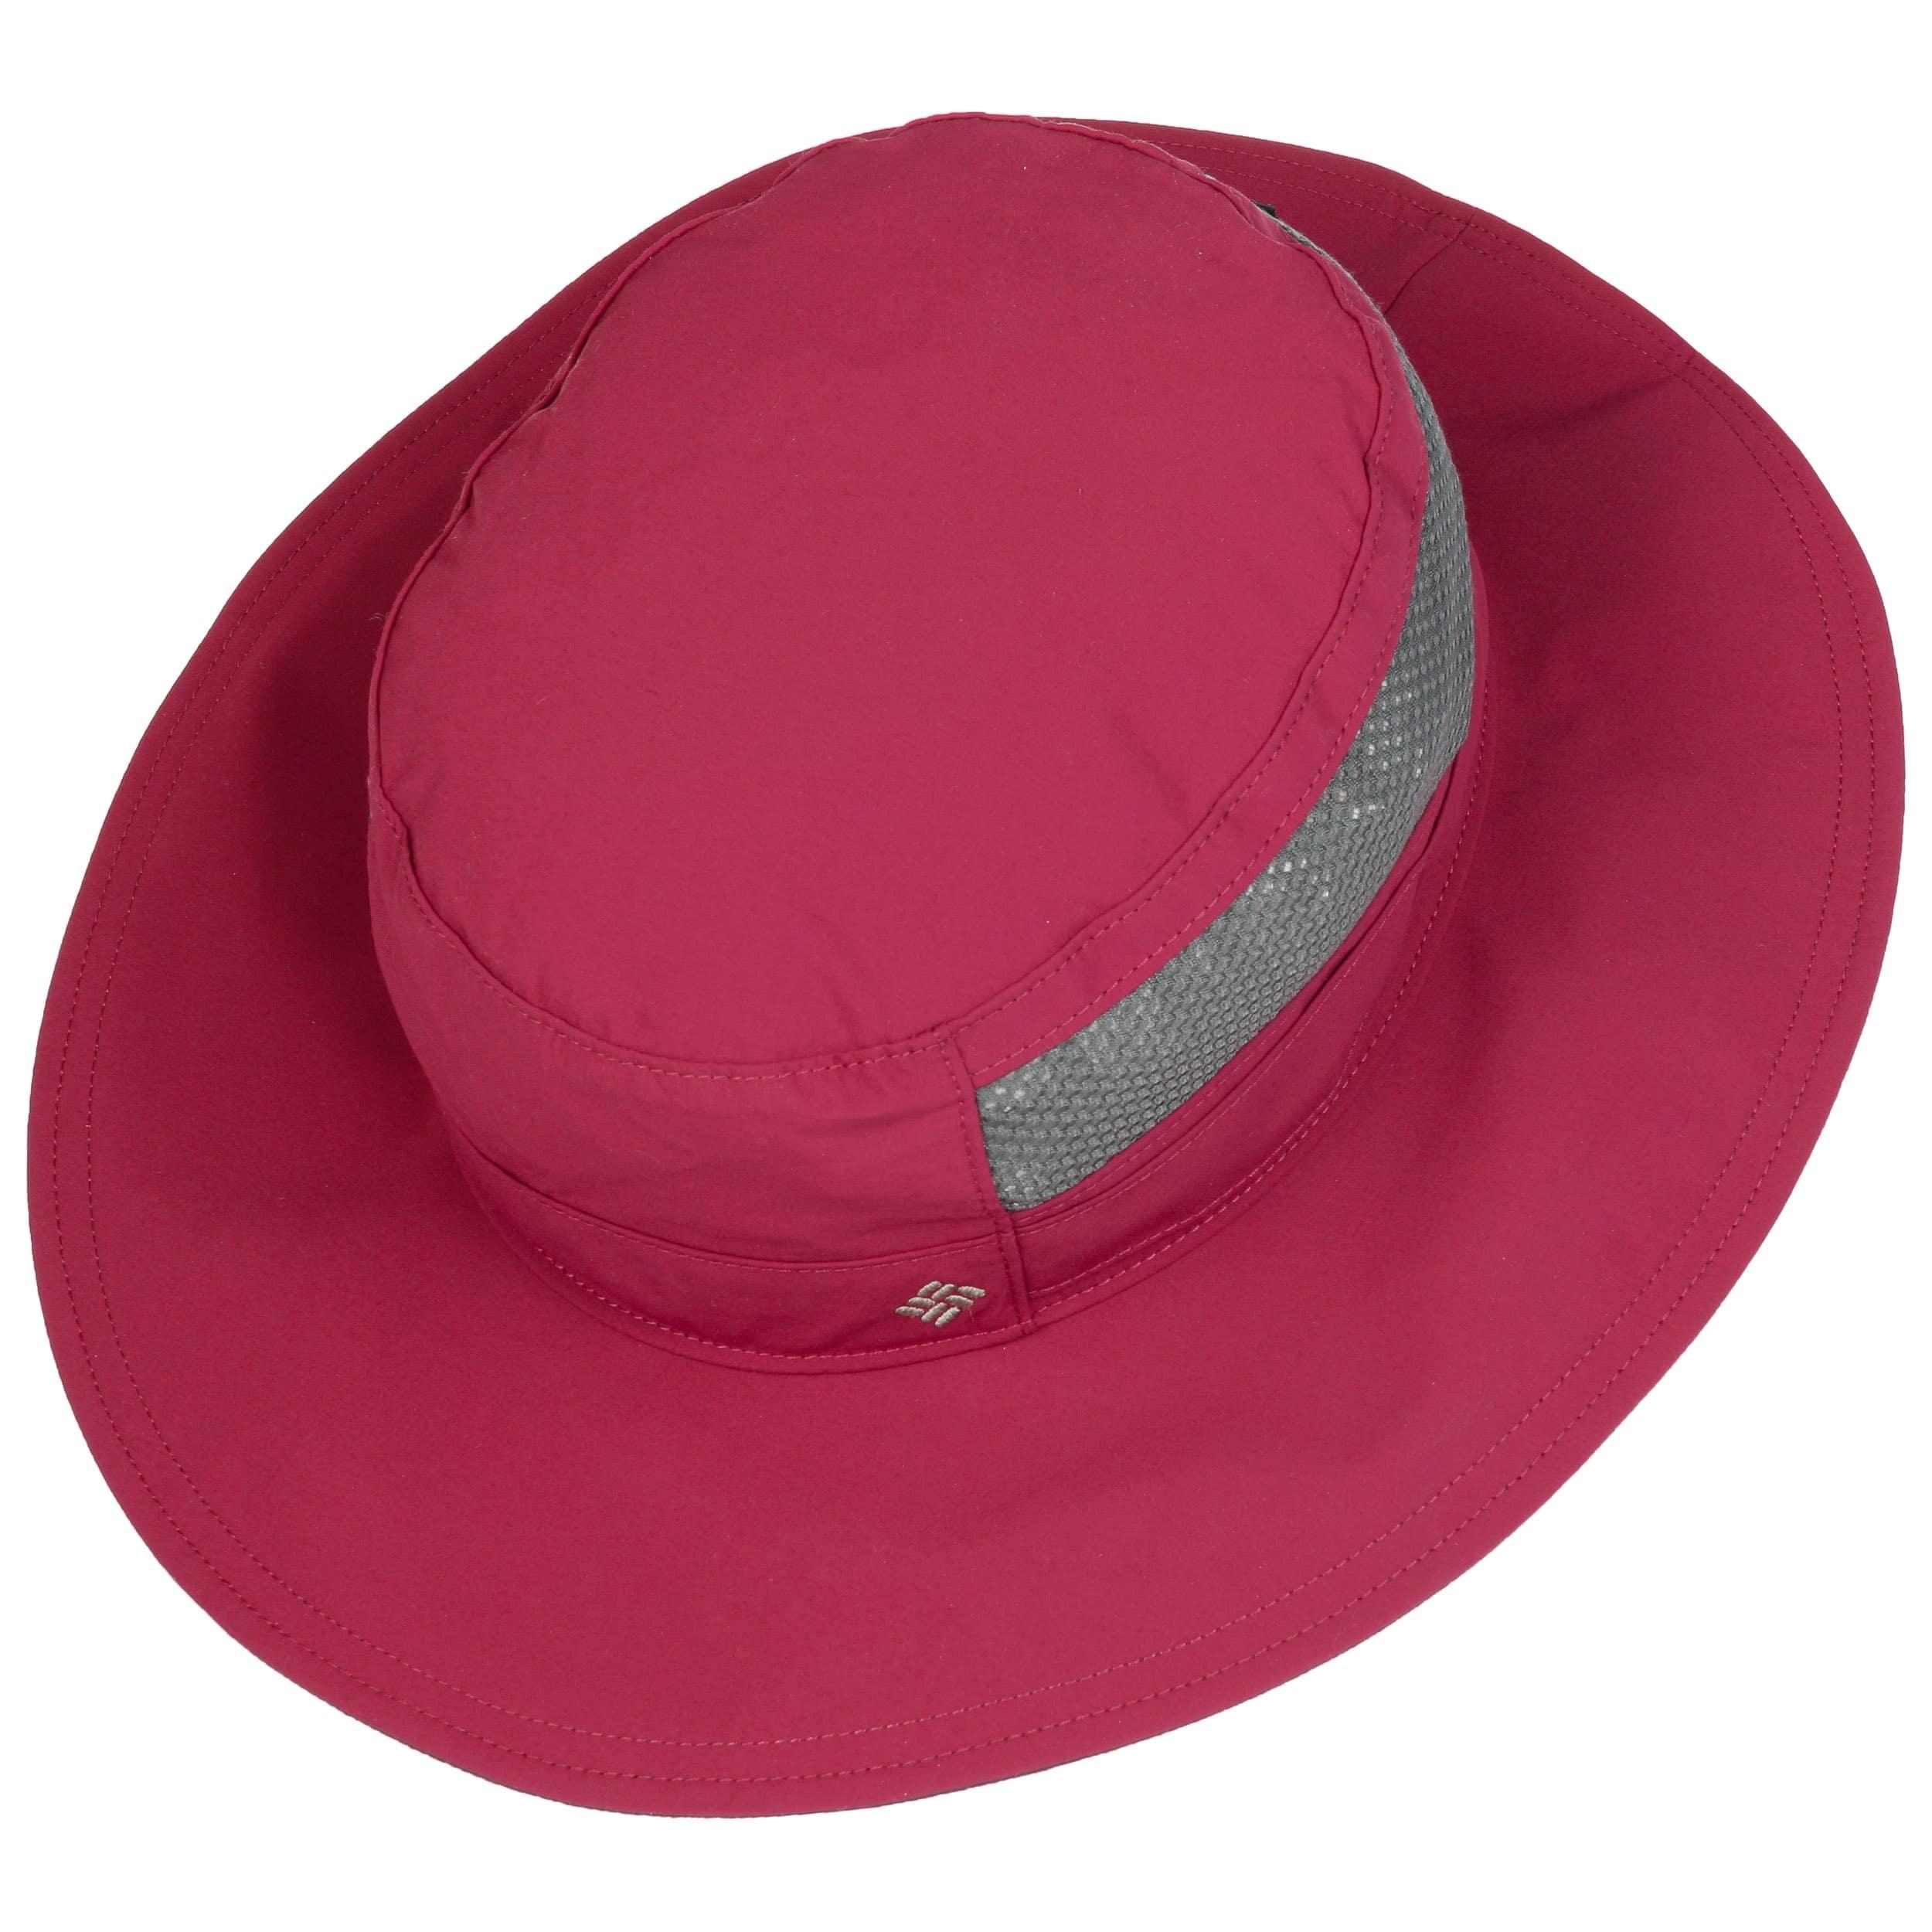 Sombrero de Sol Bora by Columbia - Sombreros - sombreroshop.es 7729361dd1aa